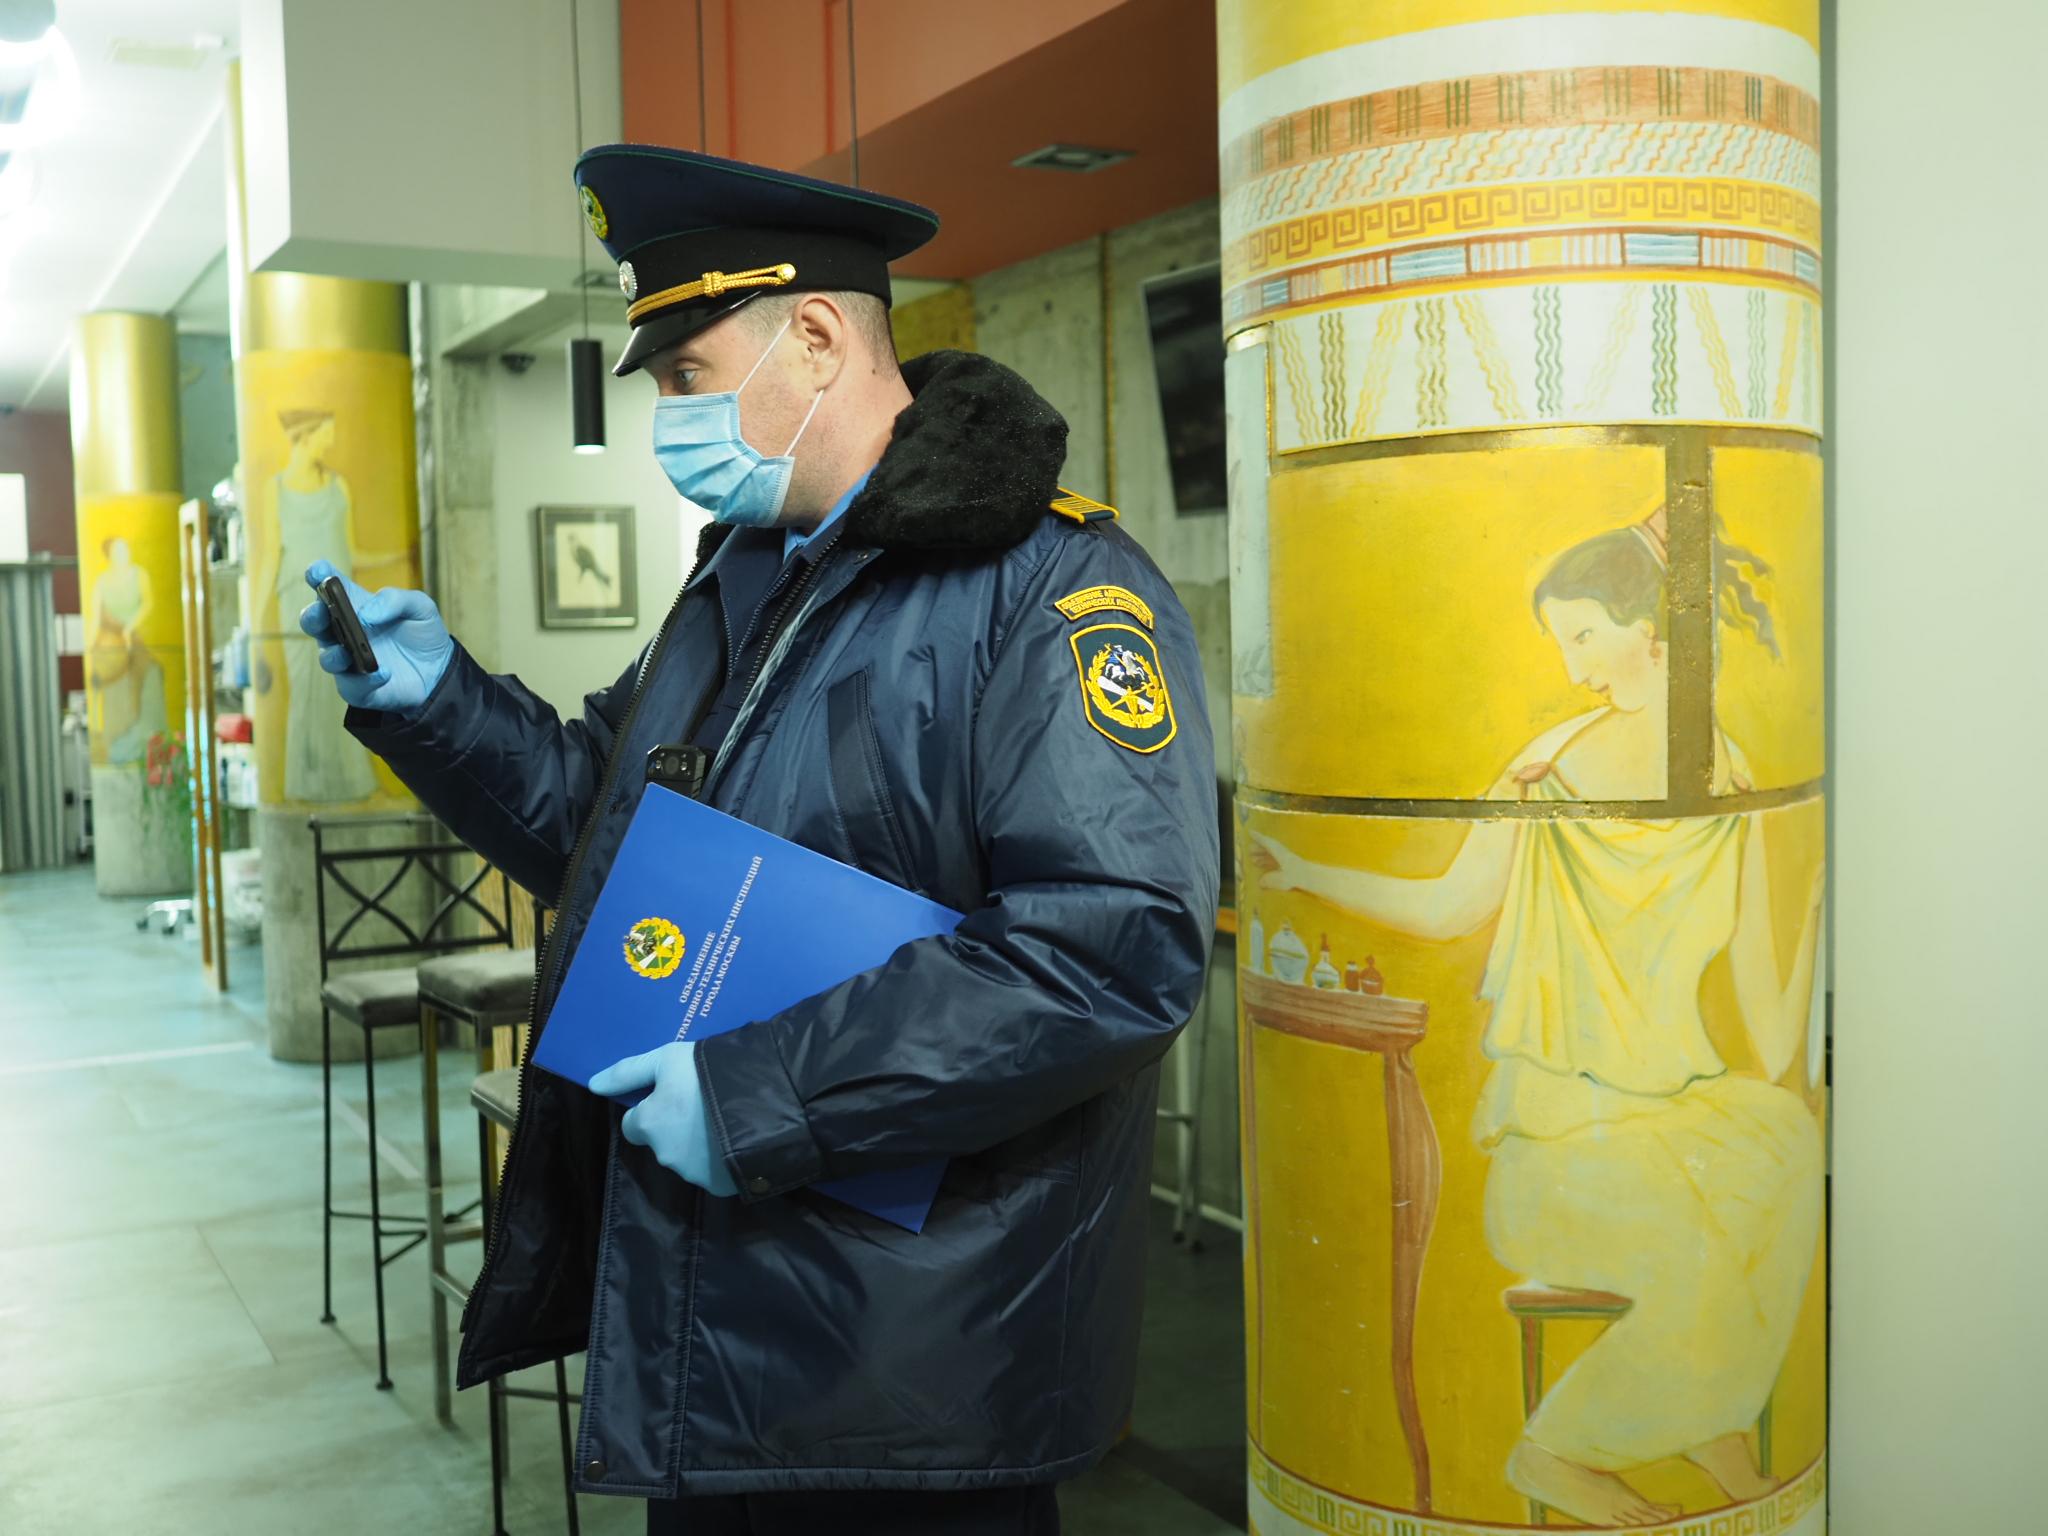 30 ноября 2020 года. Инспектор ОАТИ Сергей Михайлов проверяет танцшколу. Фото: Антон Гердо, Вечерняя Москва